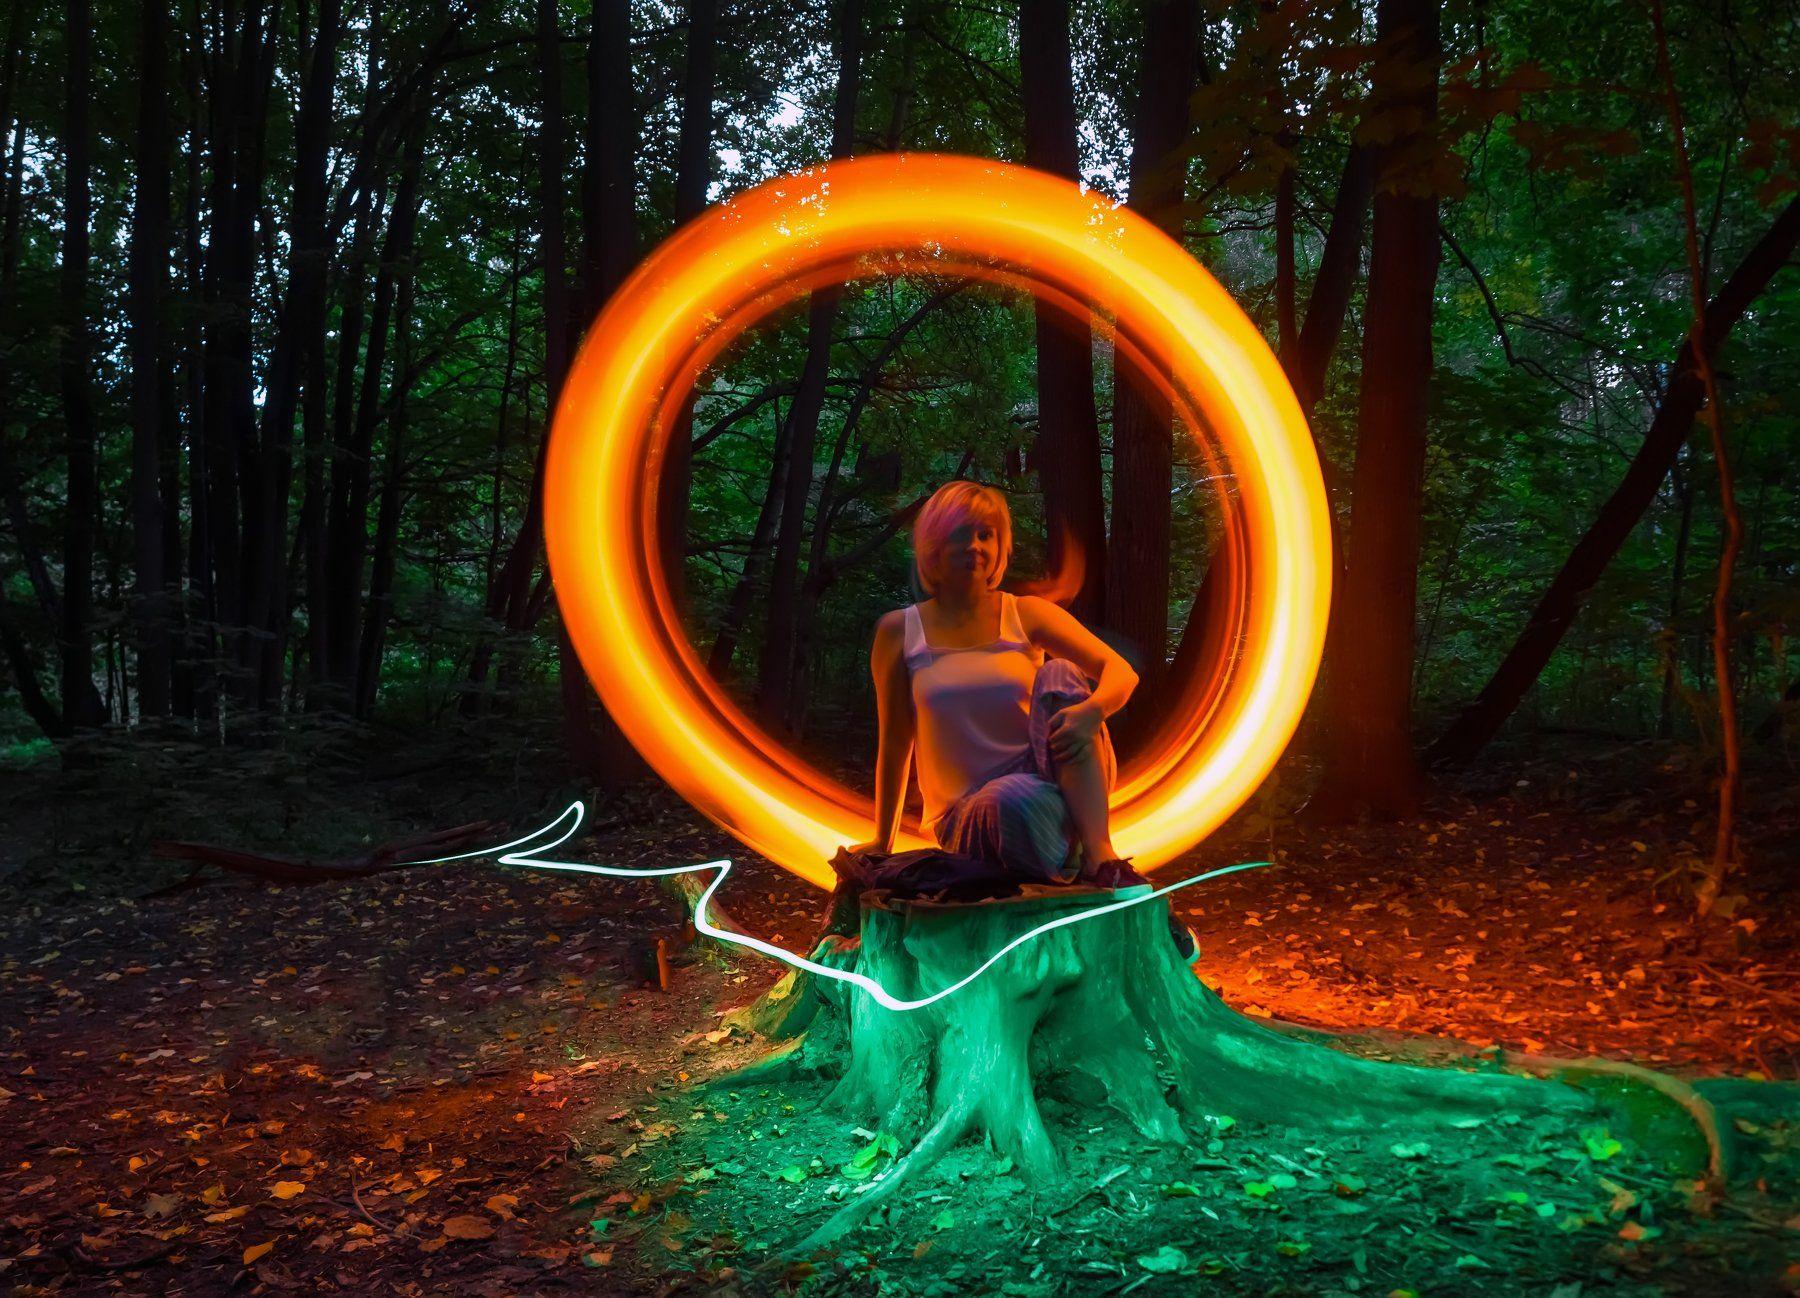 lightpainting, lightart, longexposure, nightphotography, light, night, lightblade, nightportrait, portrait, Требухин Николай